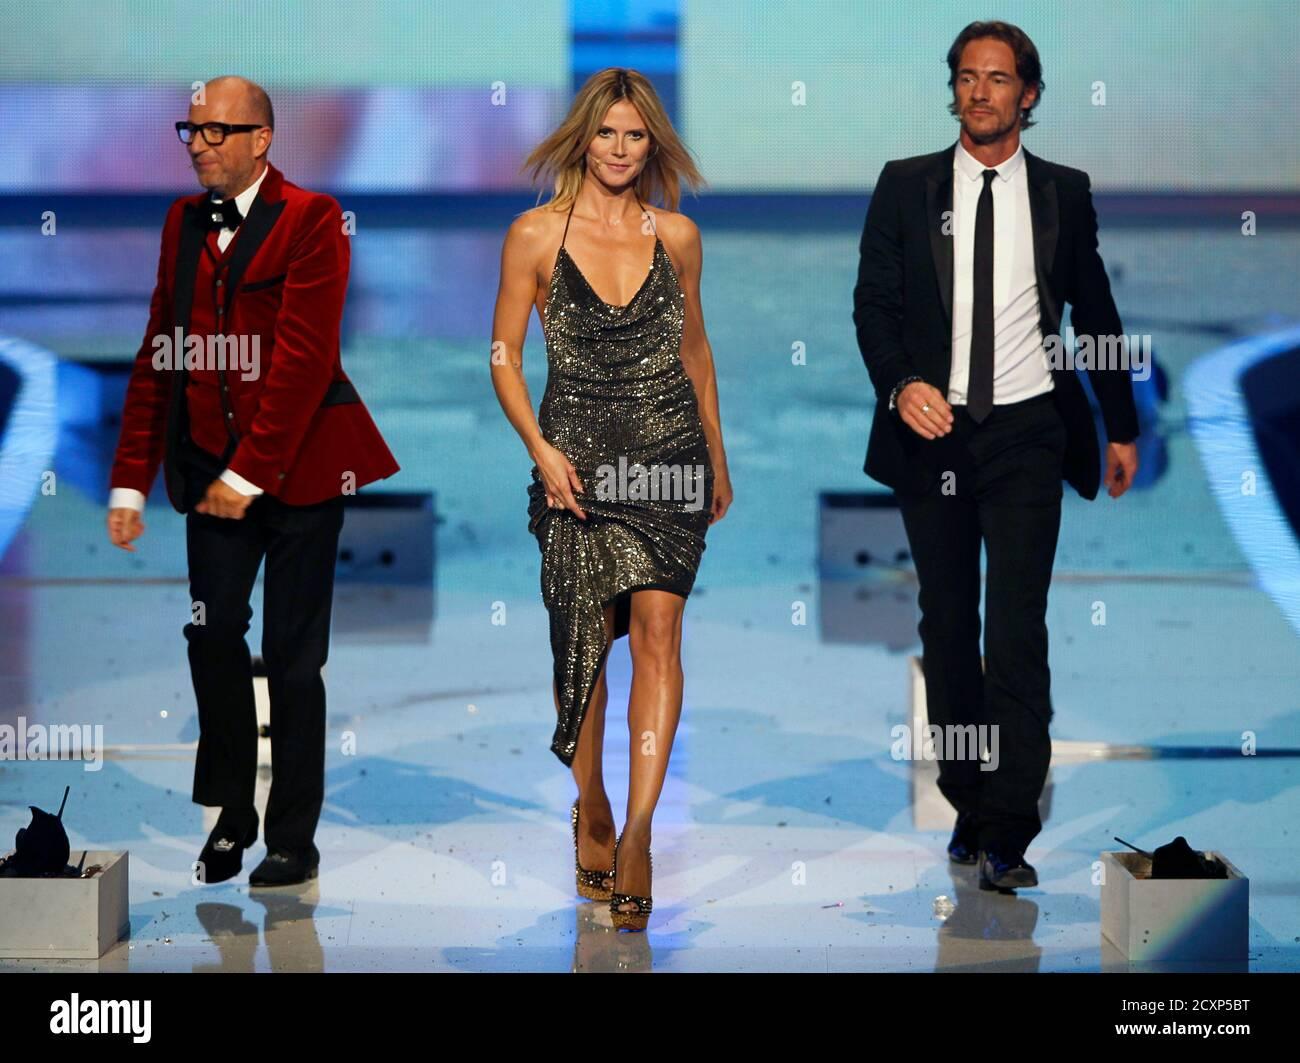 Germanys Next Top Model Banque D Image Et Photos Page 2 Alamy